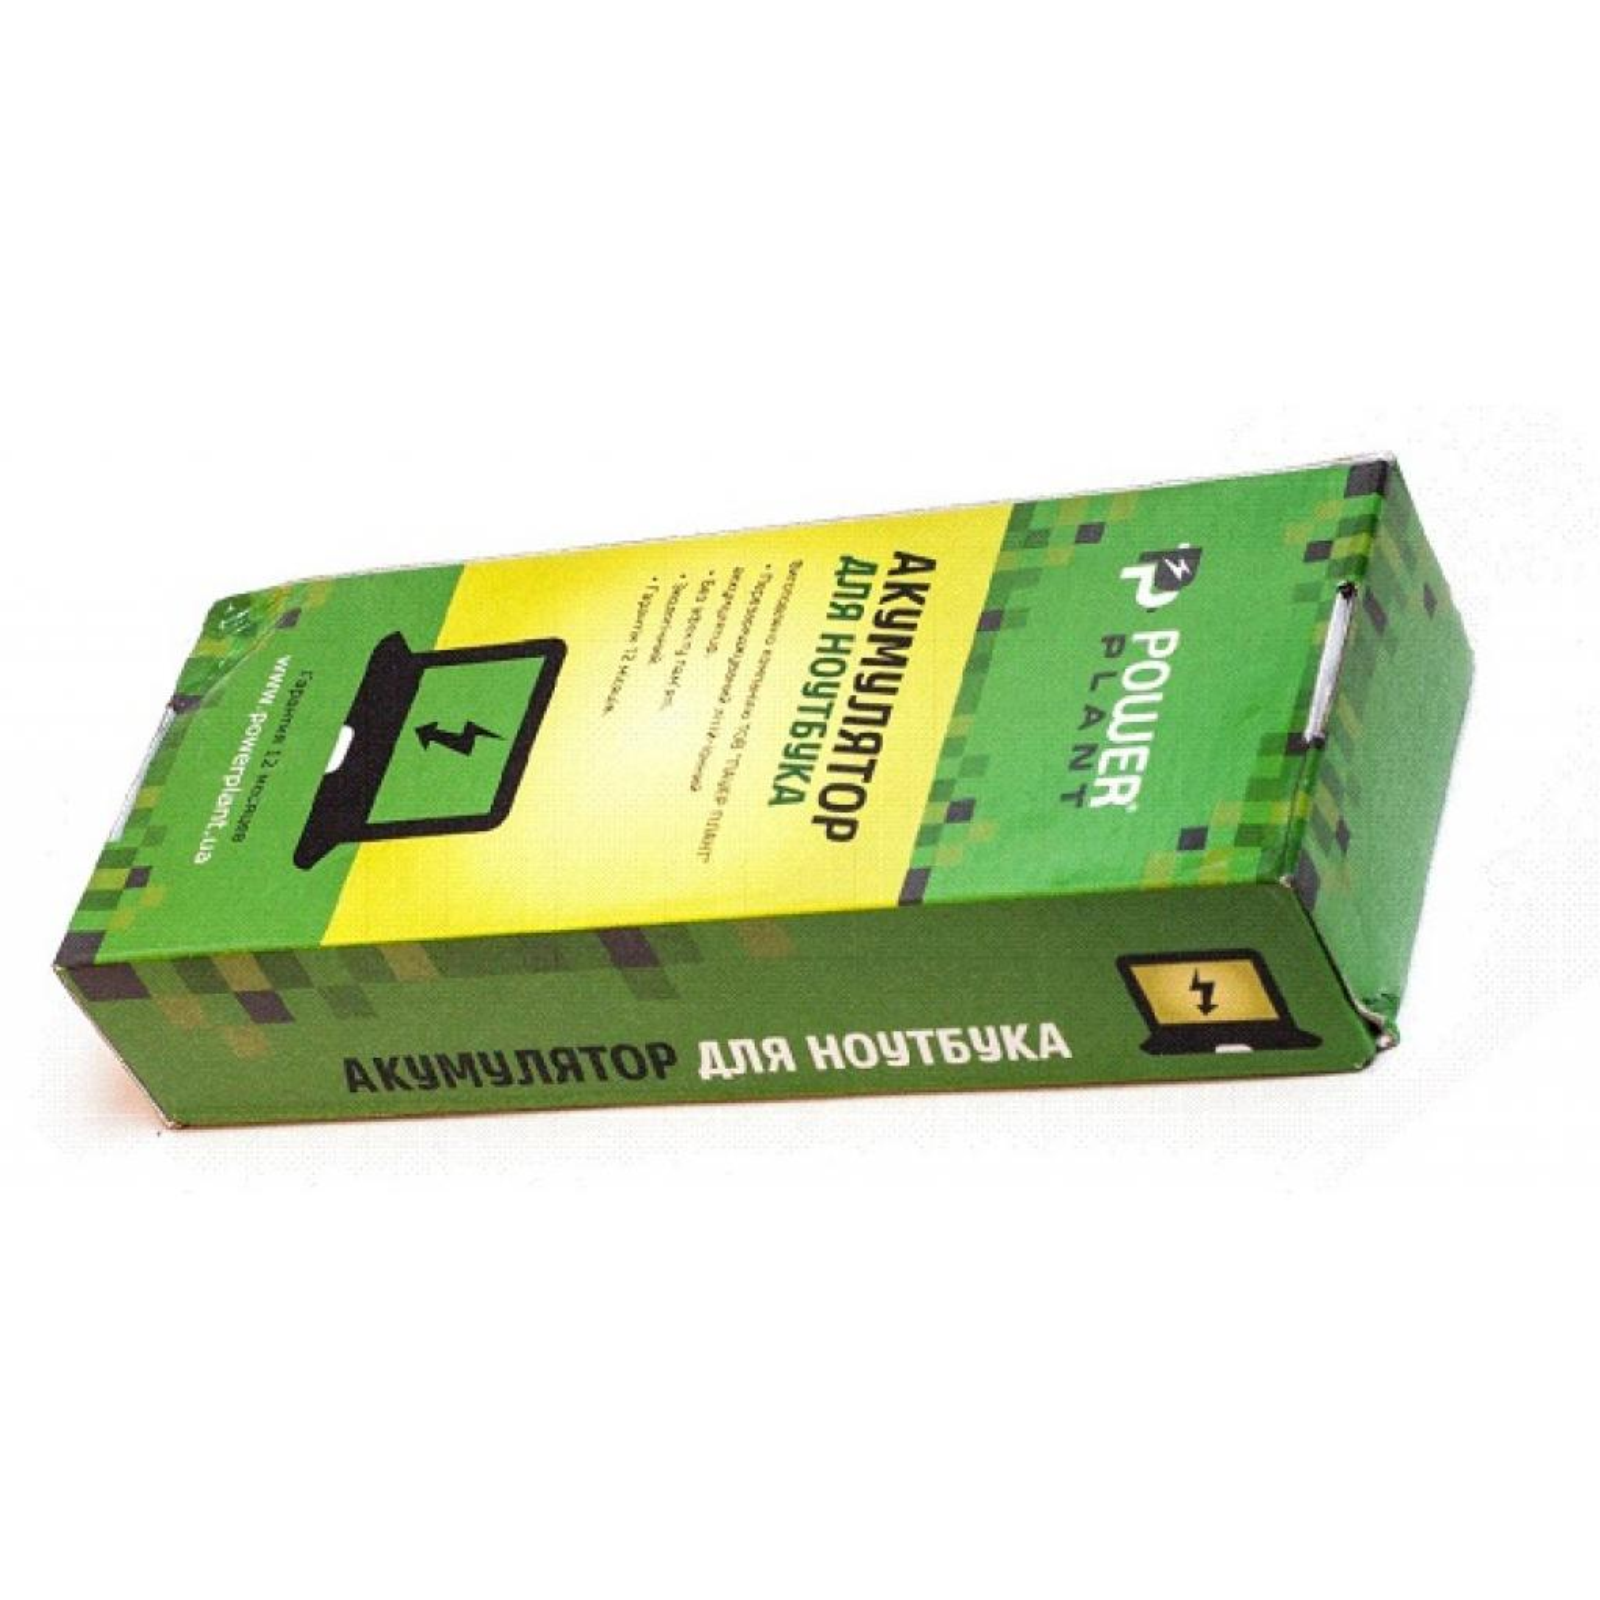 Аккумулятор для ноутбука ASUS A43 A53 (A32-K53) 11.1V 5200mAh PowerPlant (NB00000013) изображение 3